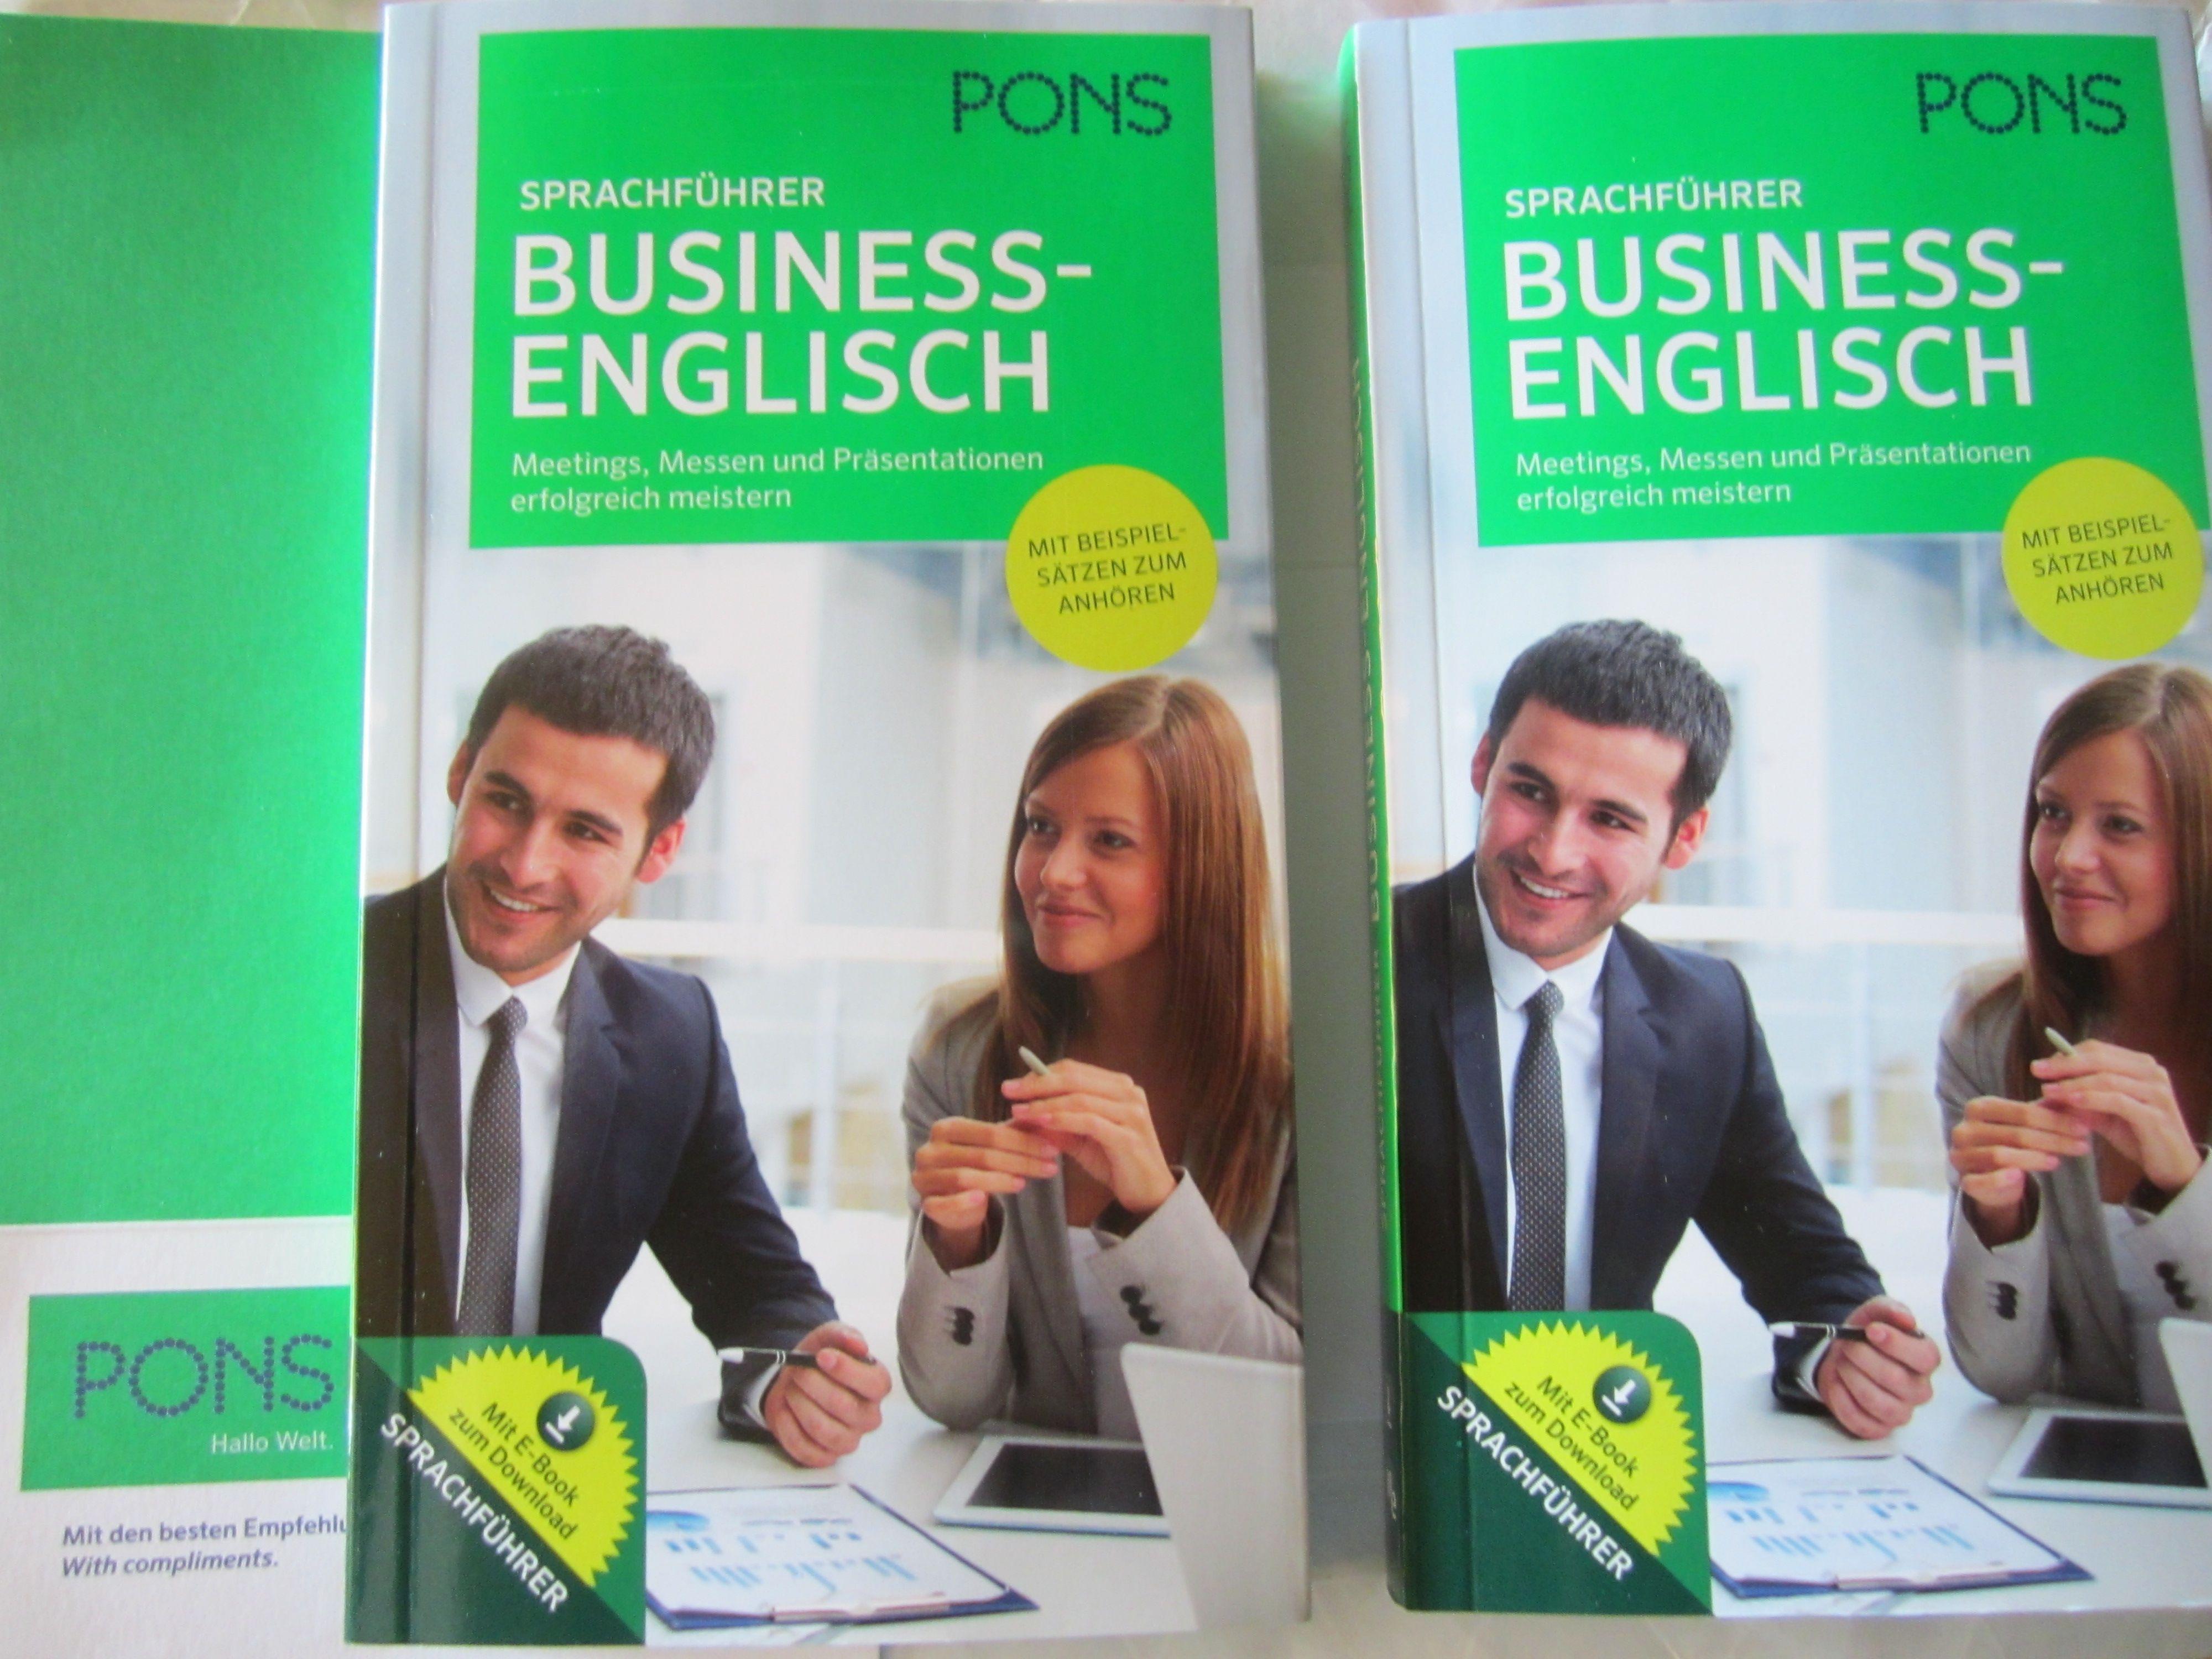 Sprachführer Business-Englisch mit Business-Knigge für verschiedene Länder, die Seiten über die Türkei habe ich beigetragen. http://sprachblog.ib-klartext.de/lektorat.php